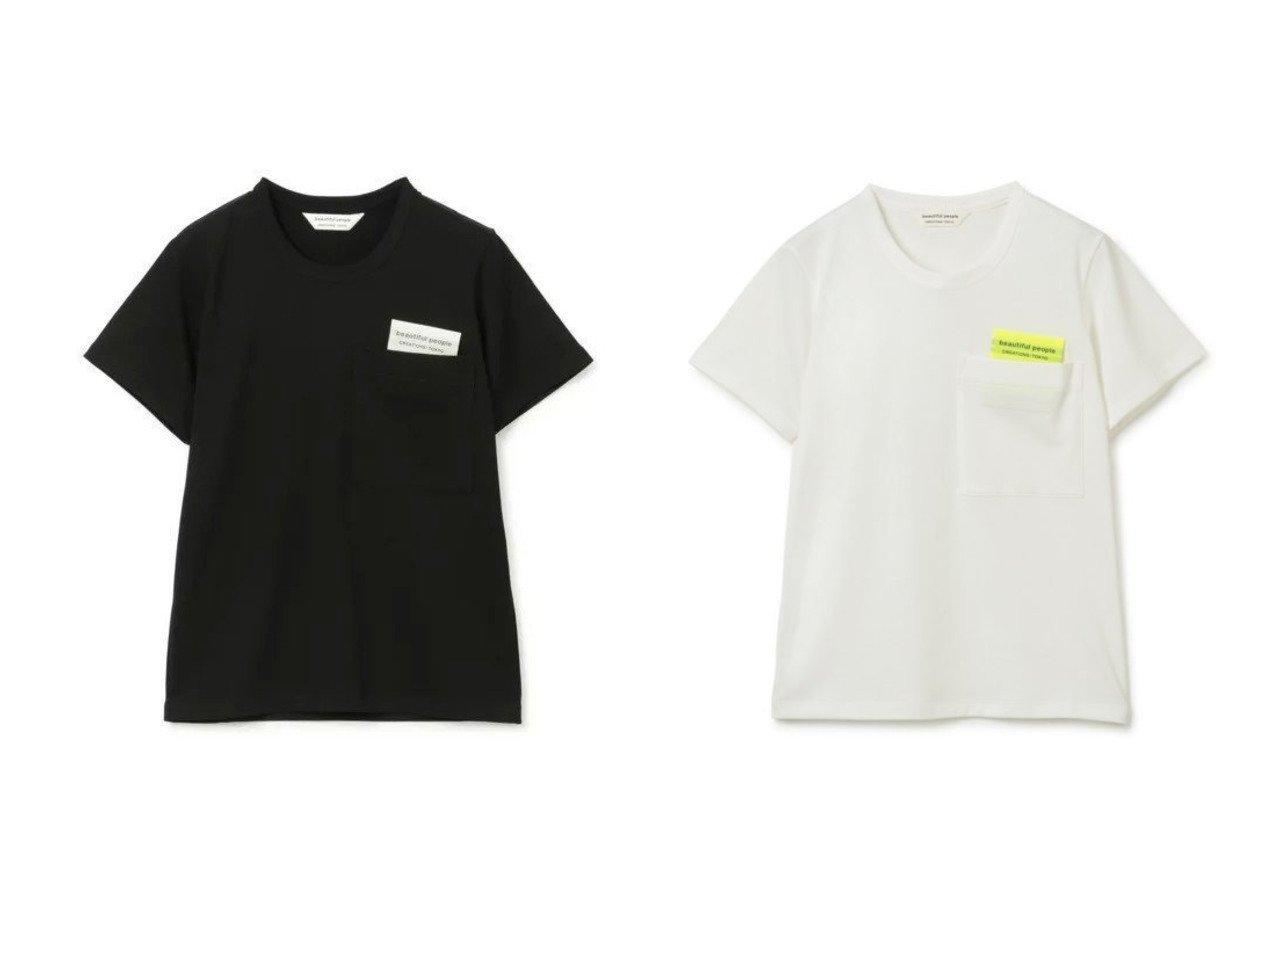 【beautiful people/ビューティフル ピープル】のsuvin royal jersey big QOLtag T-shirts 【トップス・カットソー】おすすめ!人気、トレンド・レディースファッションの通販   おすすめで人気の流行・トレンド、ファッションの通販商品 インテリア・家具・メンズファッション・キッズファッション・レディースファッション・服の通販 founy(ファニー) https://founy.com/ ファッション Fashion レディースファッション WOMEN トップス・カットソー Tops/Tshirt シャツ/ブラウス Shirts/Blouses ロング / Tシャツ T-Shirts カットソー Cut and Sewn 2021年 2021 2021-2022秋冬・A/W AW・Autumn/Winter・FW・Fall-Winter・2021-2022 A/W・秋冬 AW・Autumn/Winter・FW・Fall-Winter カットソー コンパクト スポーティ ポケット 半袖 洗える  ID:crp329100000053752